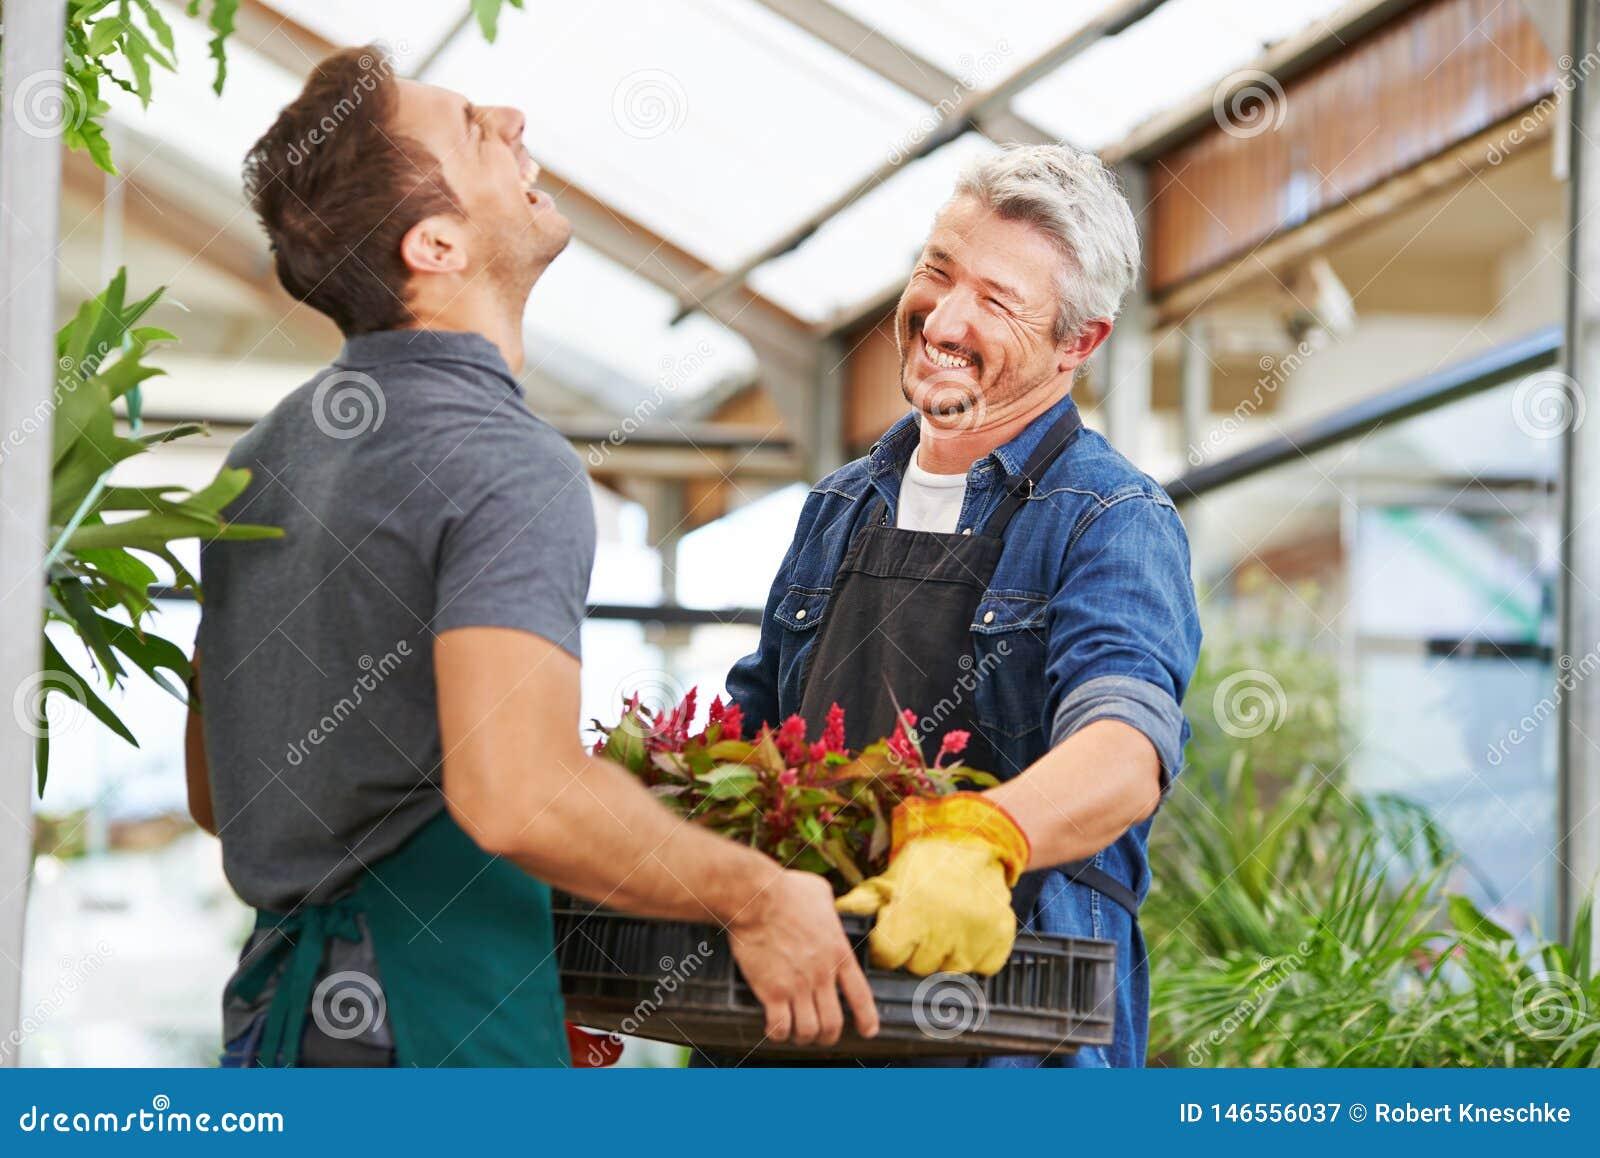 Dos hombres como floristas en cultivar un huerto